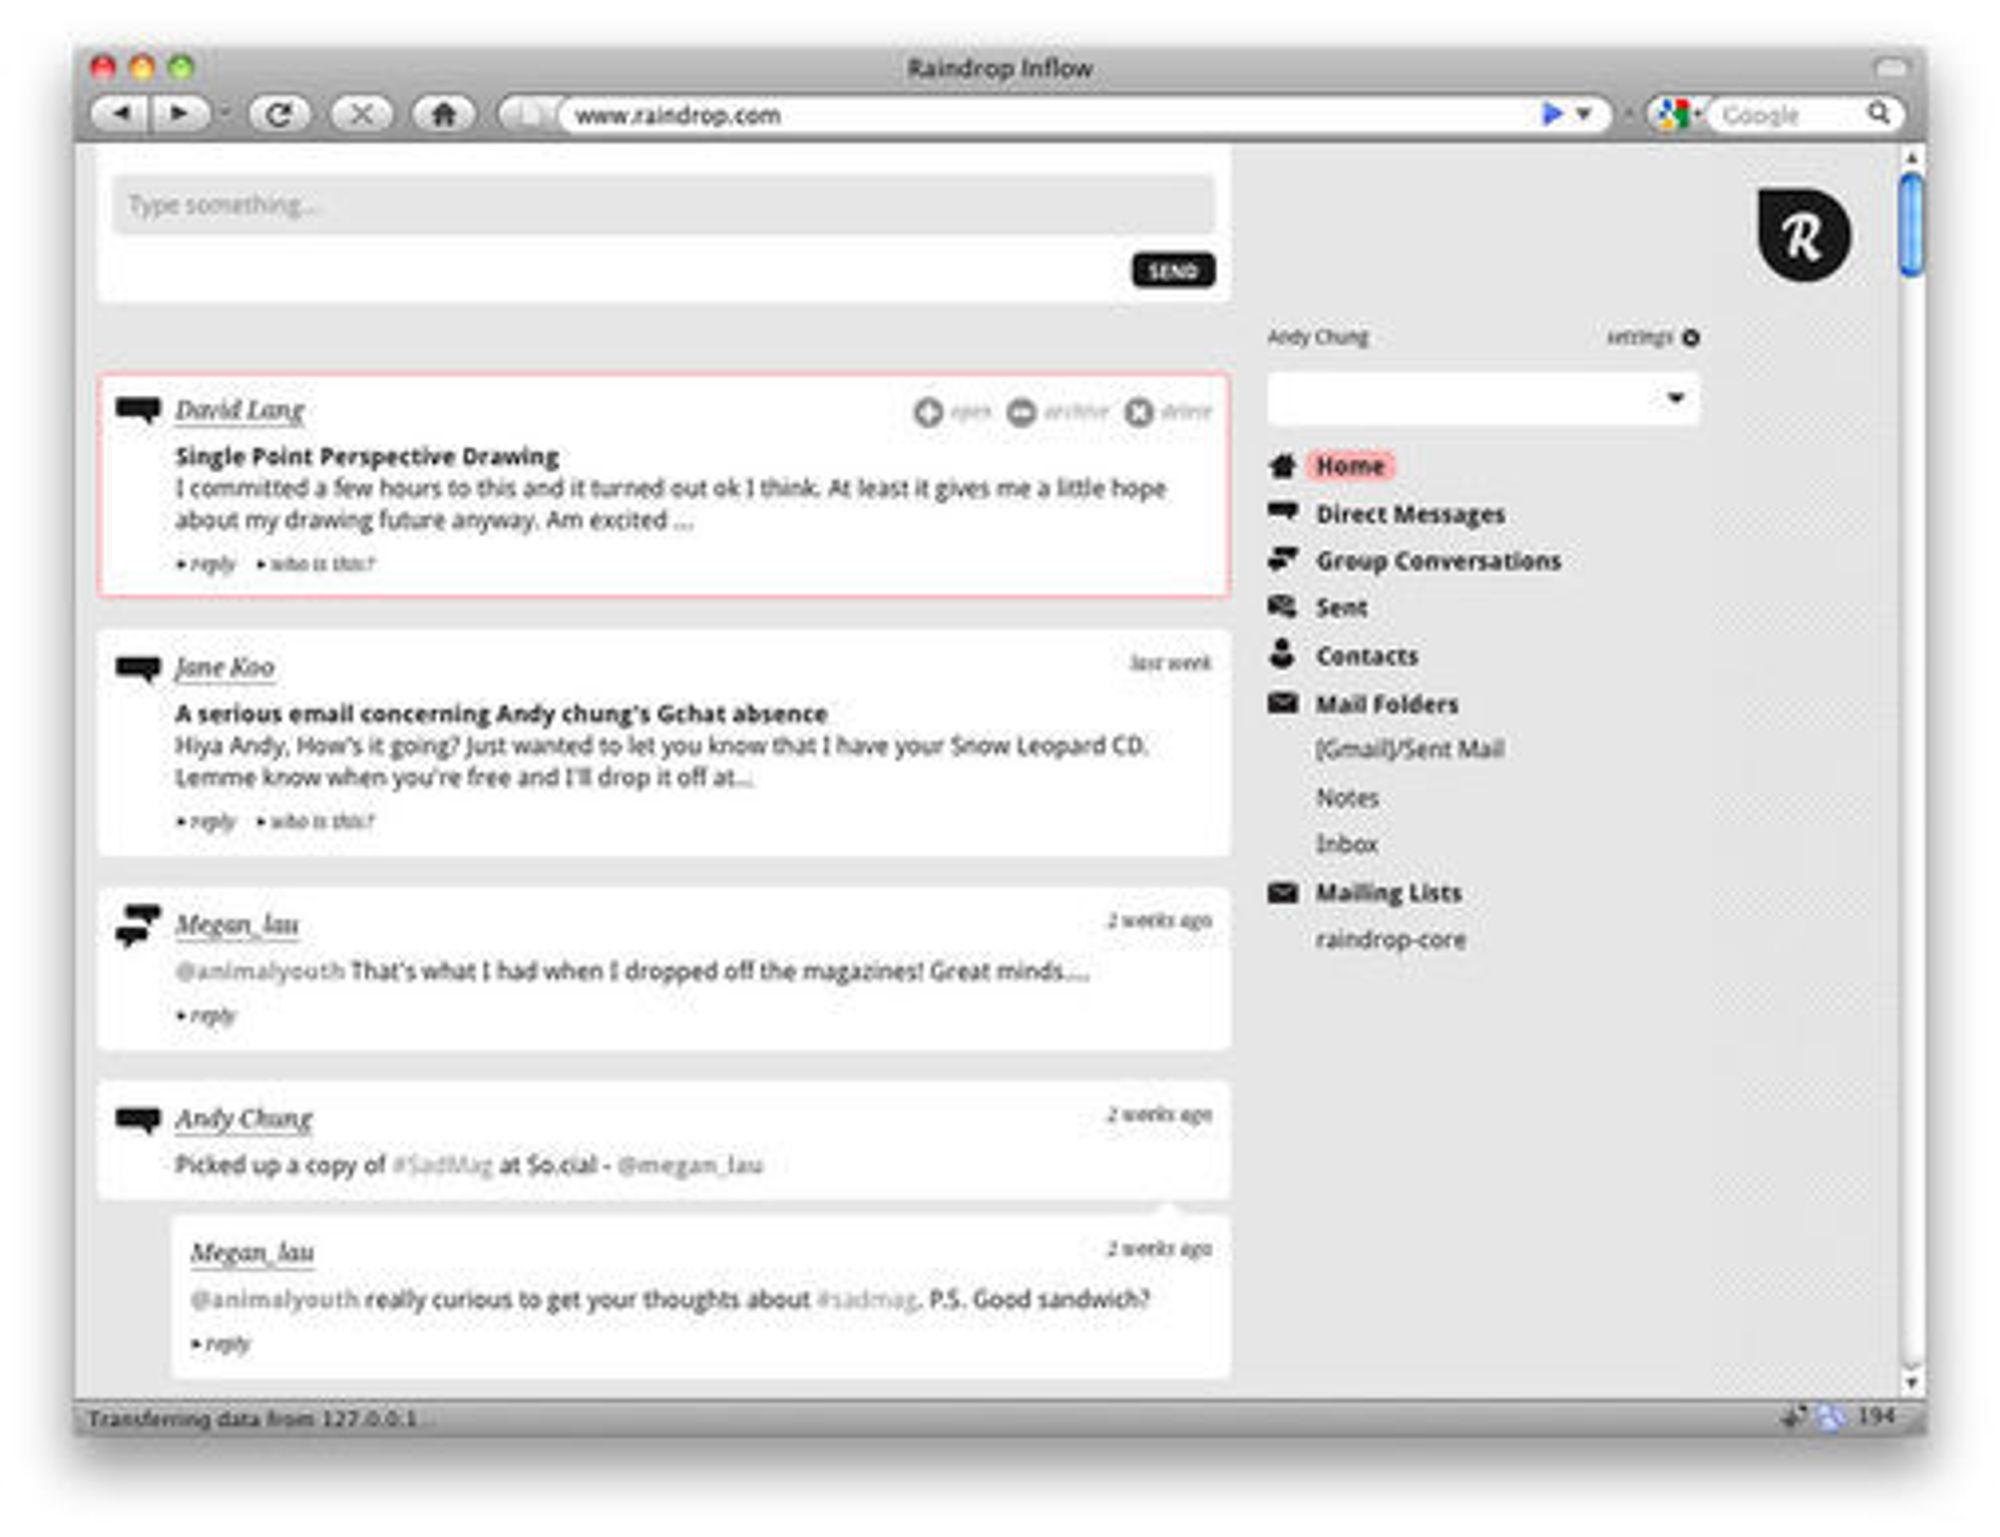 Et første utkast til brukergrensesnitt for Raindrop.